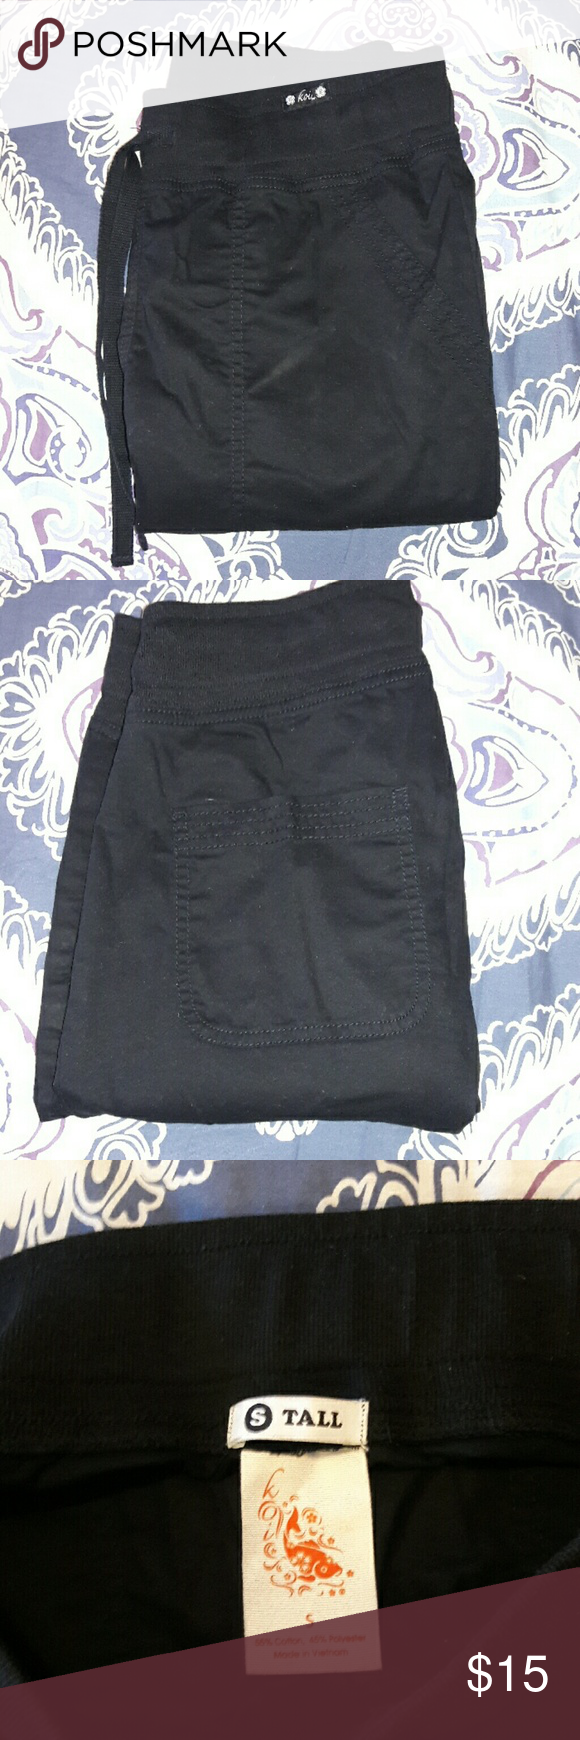 Koi Morgan Scrub Pants In 2018 My Posh Picks Pinterest Pants